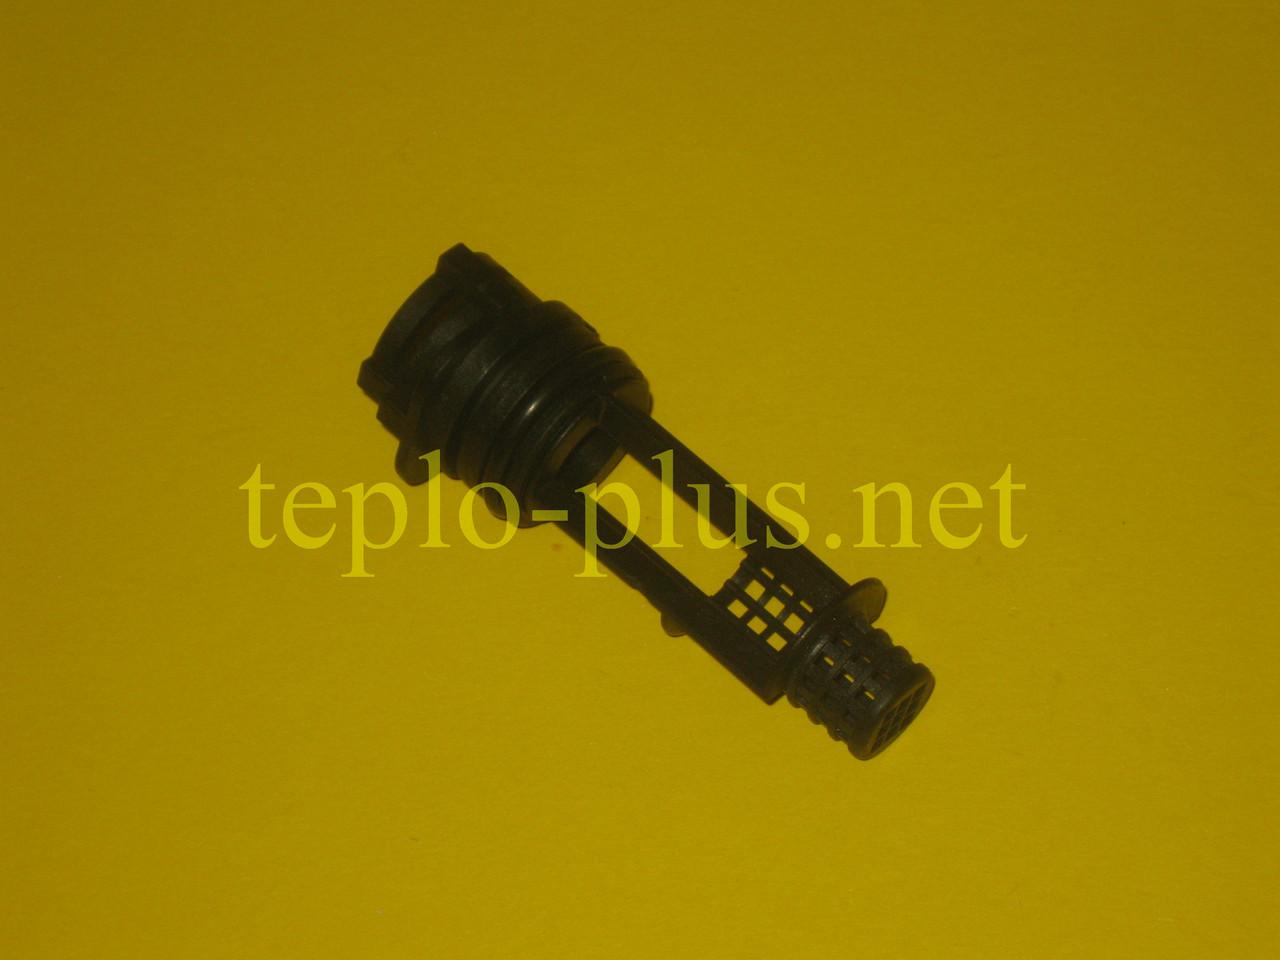 Фільтр опалення 710047100 Westen Pulsar D, Baxi Fourtech, Eco Home, Eco4S, Eco5 Сompact